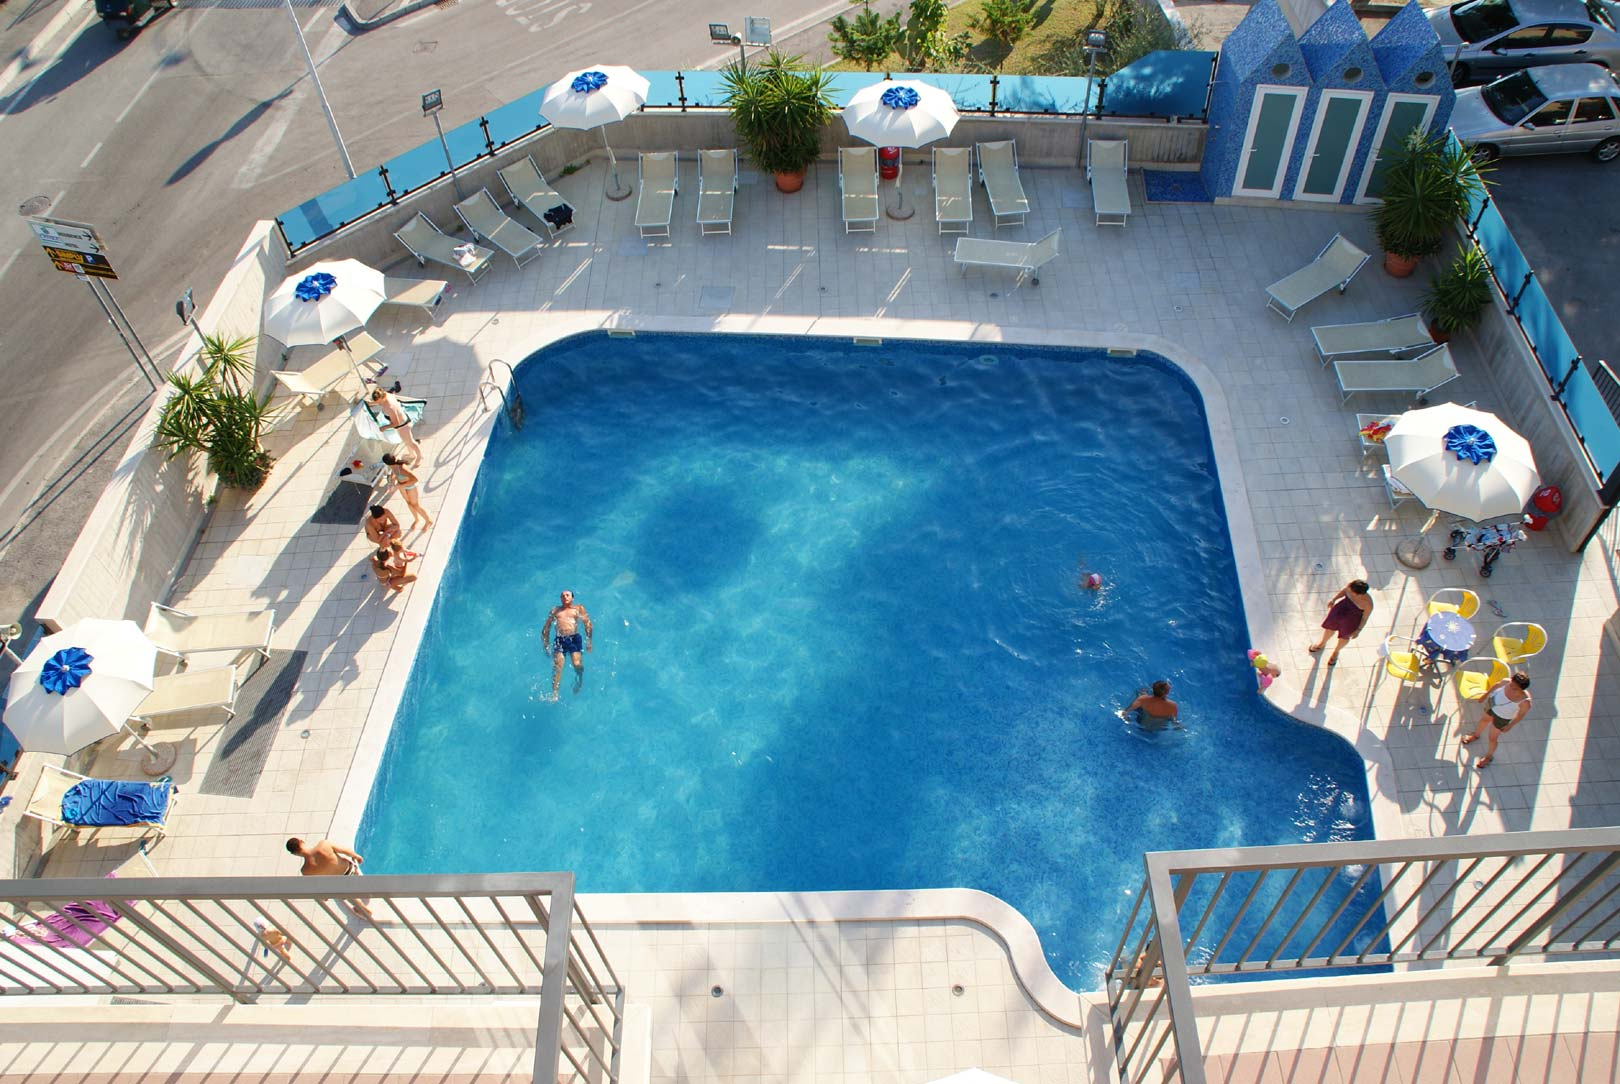 Spazio relax in piscina, vista dall'alto del Residence Grottammare